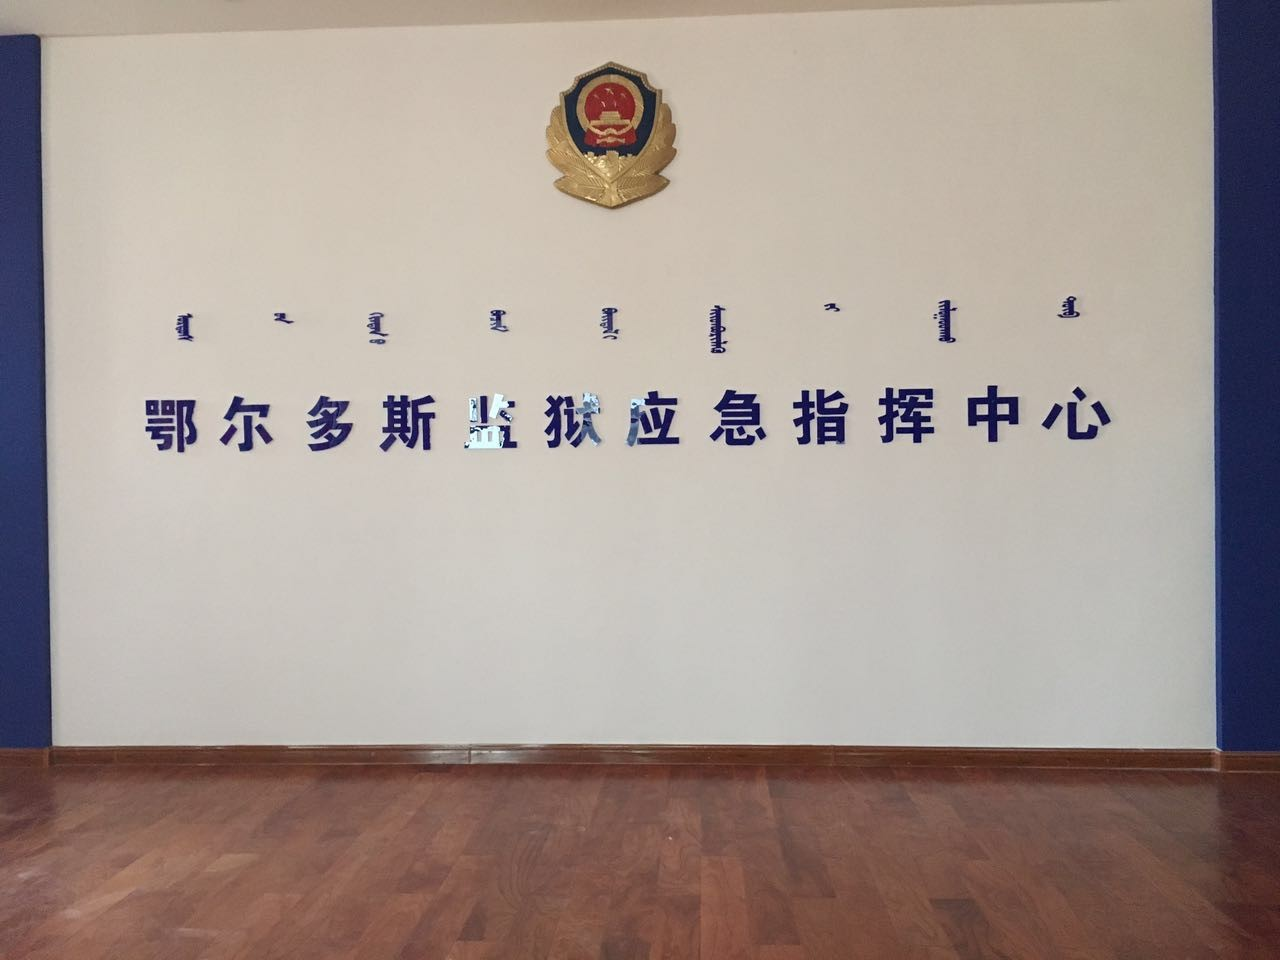 鄂尔多斯监狱应急指挥中心项目案例